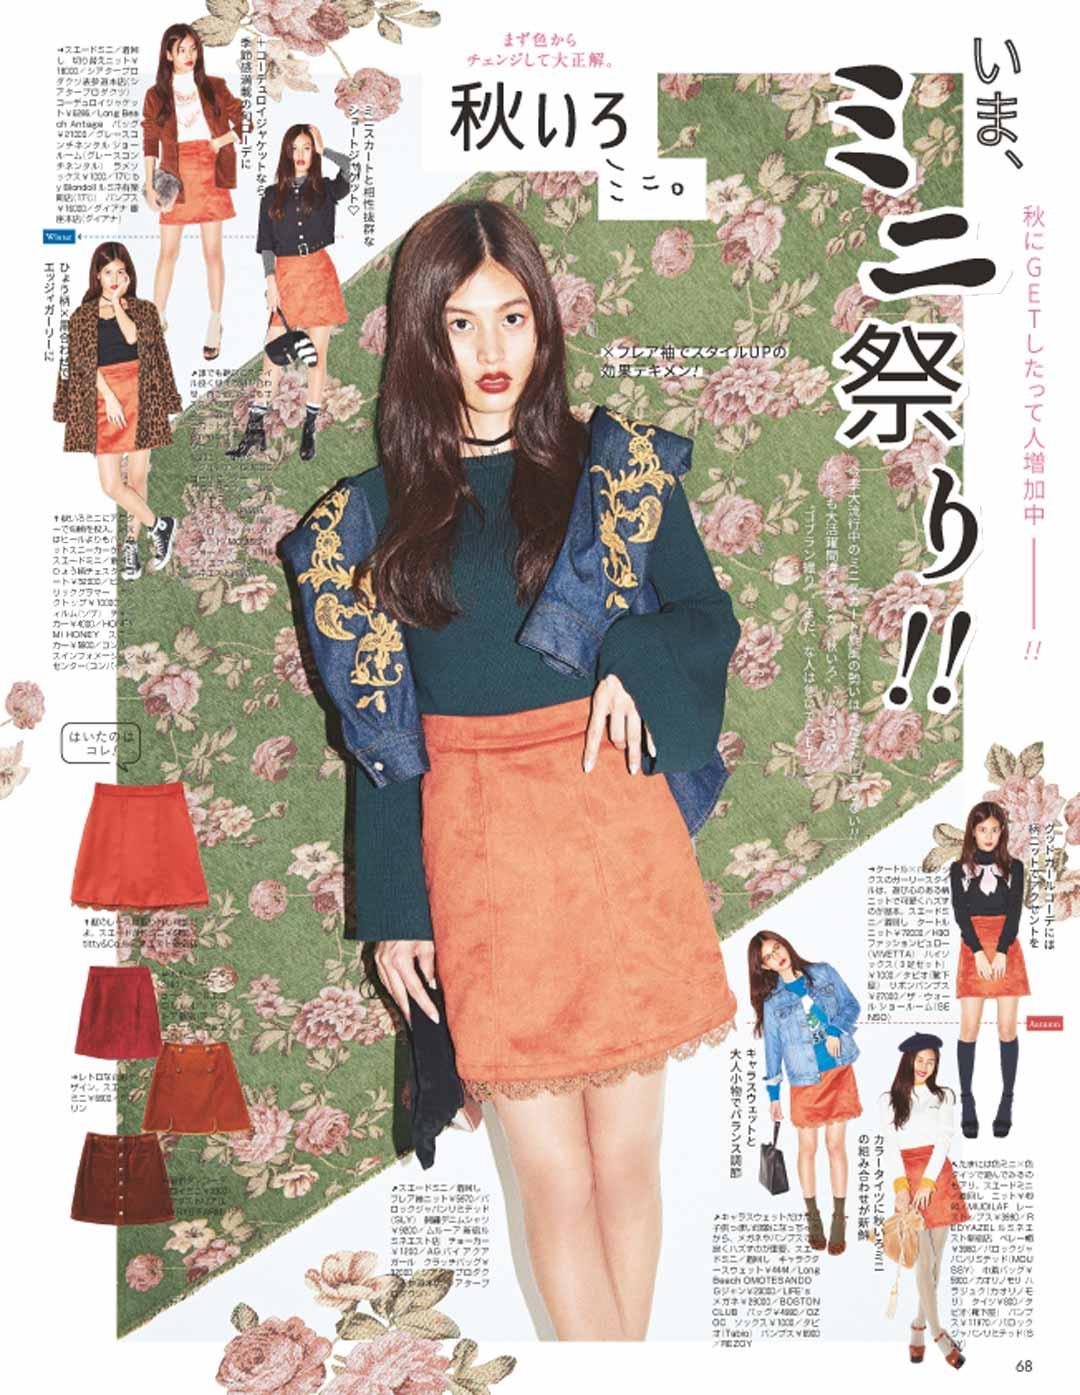 ViVi 12月号P.68『おしゃれ着倒し見本帳』[いま、ミニ祭り!!]掲載